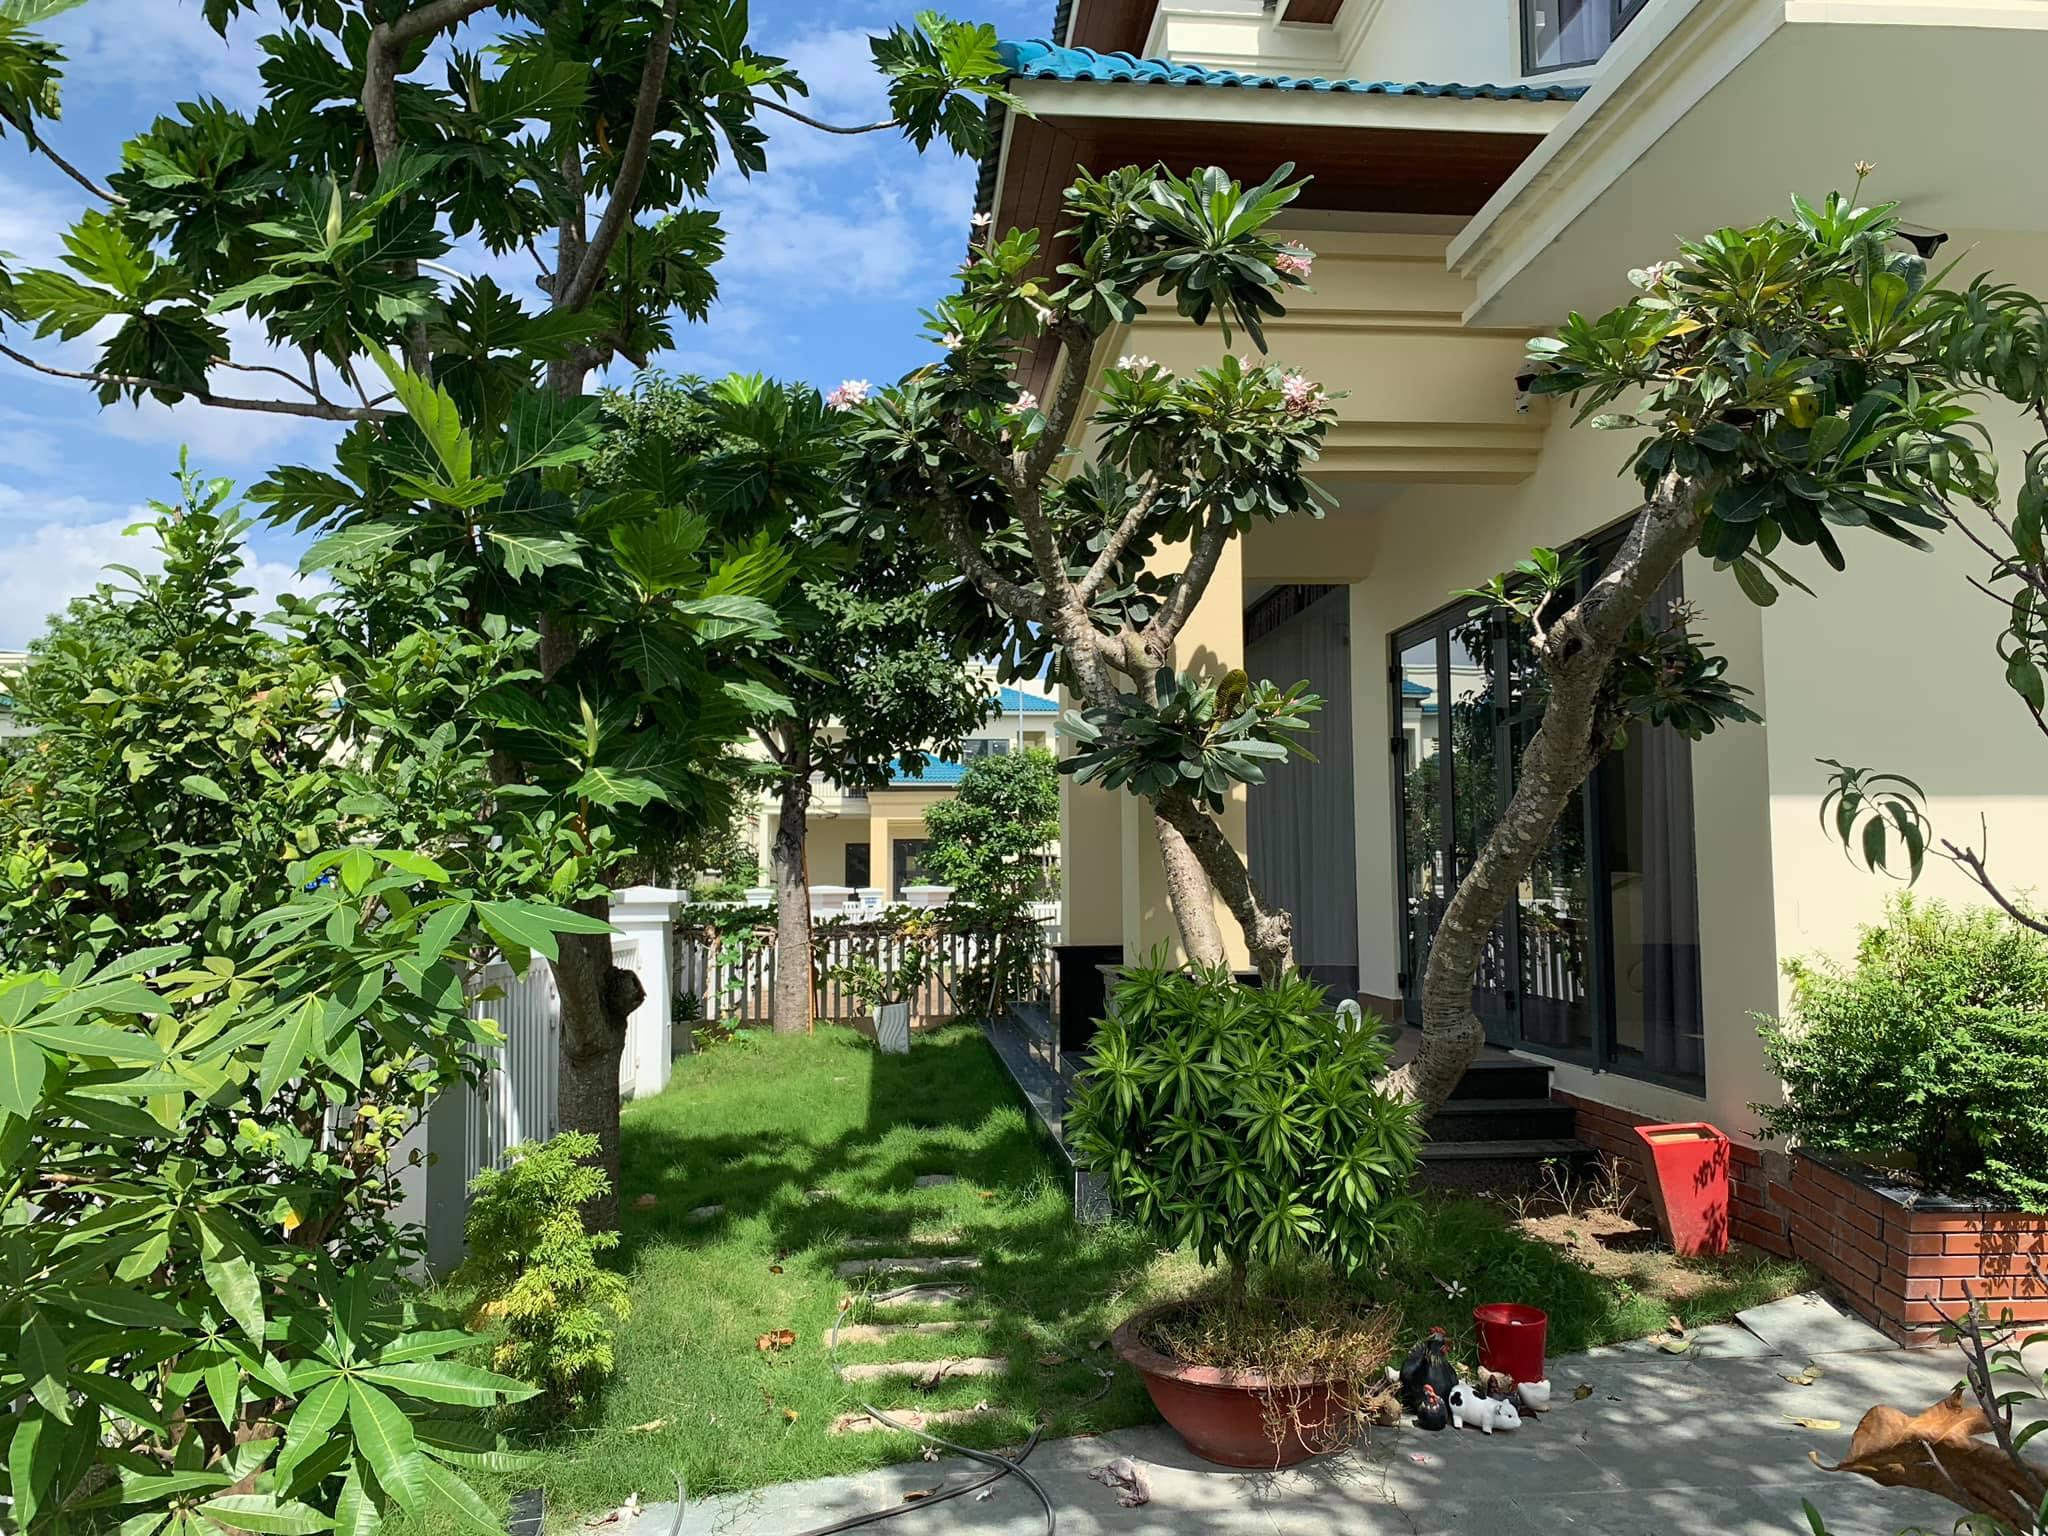 Cần bán Biệt thự đường Ái Mộ, Phường Bồ Đề, Diện tích 200m², Giá 22.9 Tỷ - LH: 0984142941